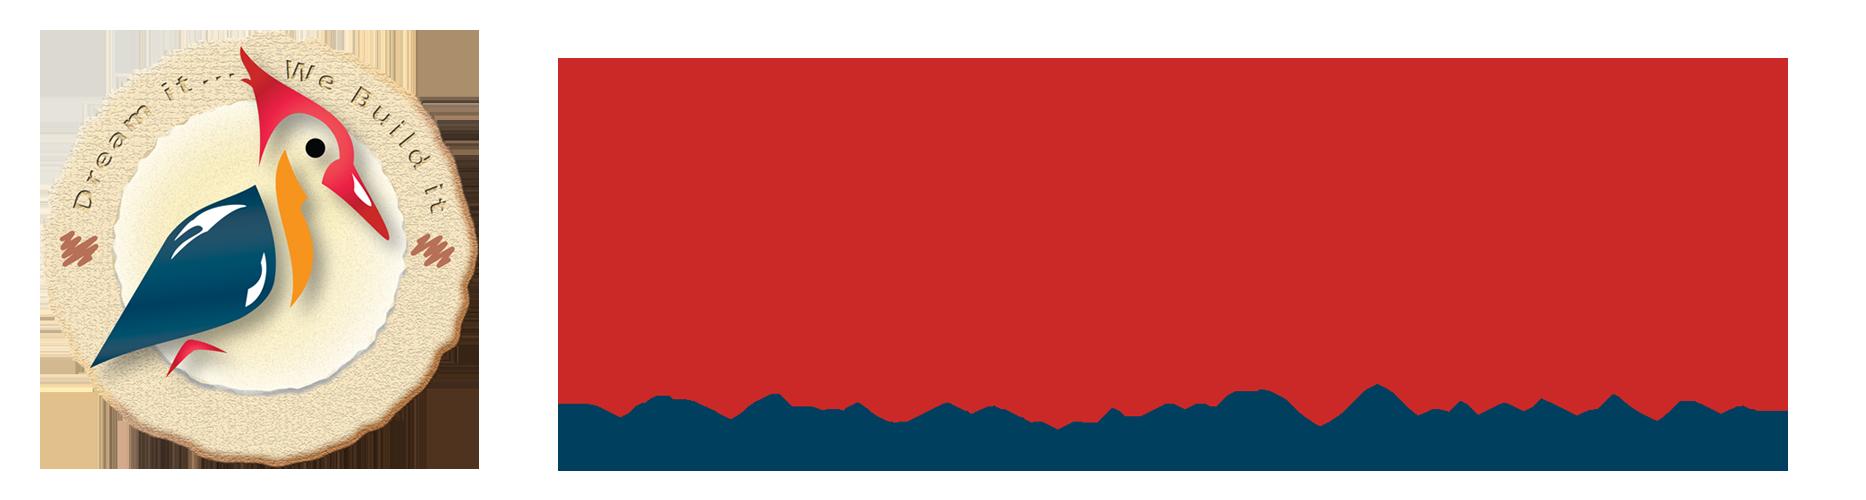 Foam Pecker